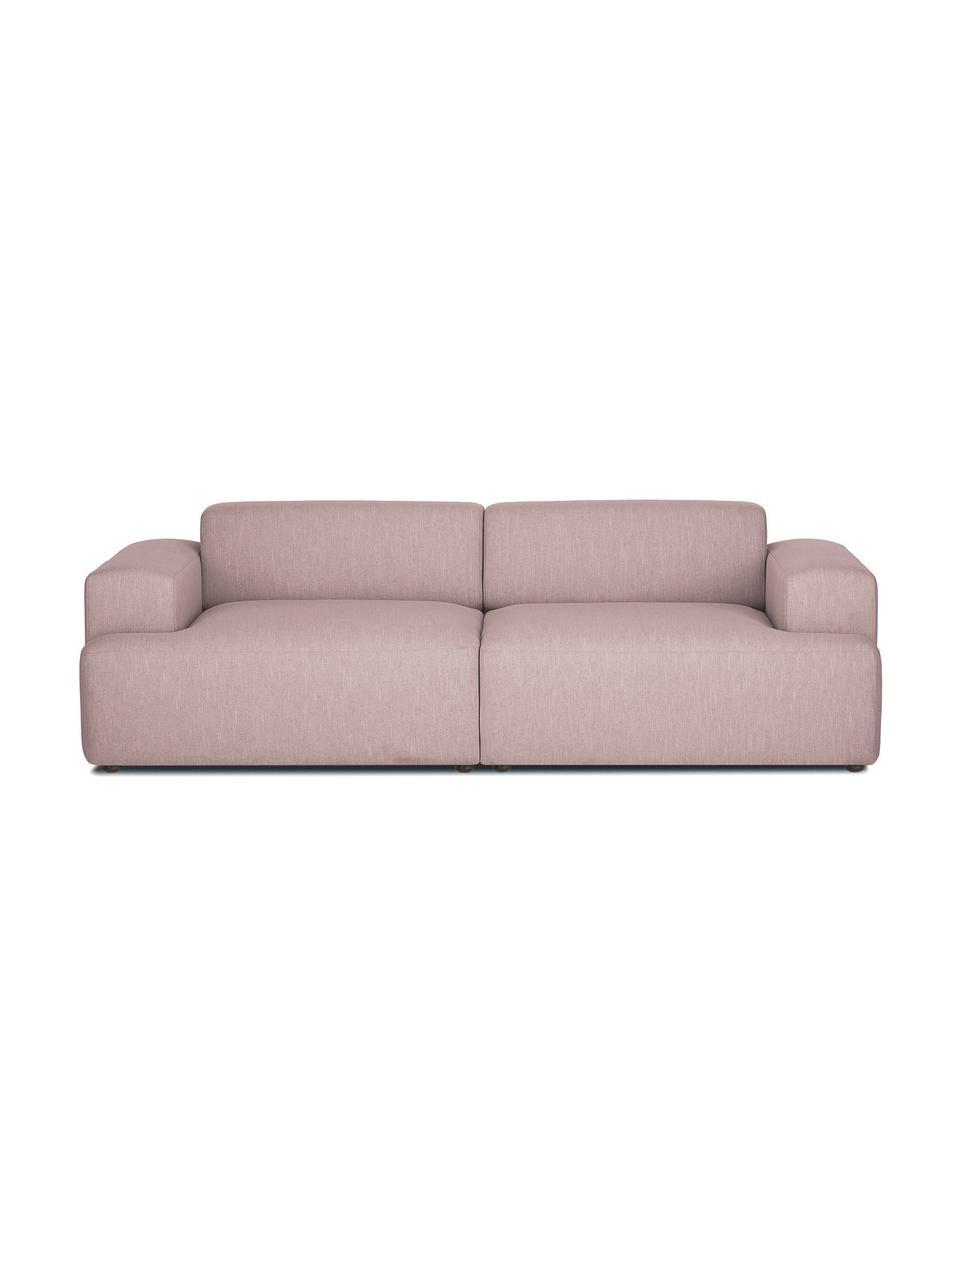 Divano a 3 posti in tessuto rosa Melva, Rivestimento: 100% poliestre Il rivesti, Struttura: pino massiccio, certifica, Tessuto rosa, Larg. 238 x Alt. 101 cm